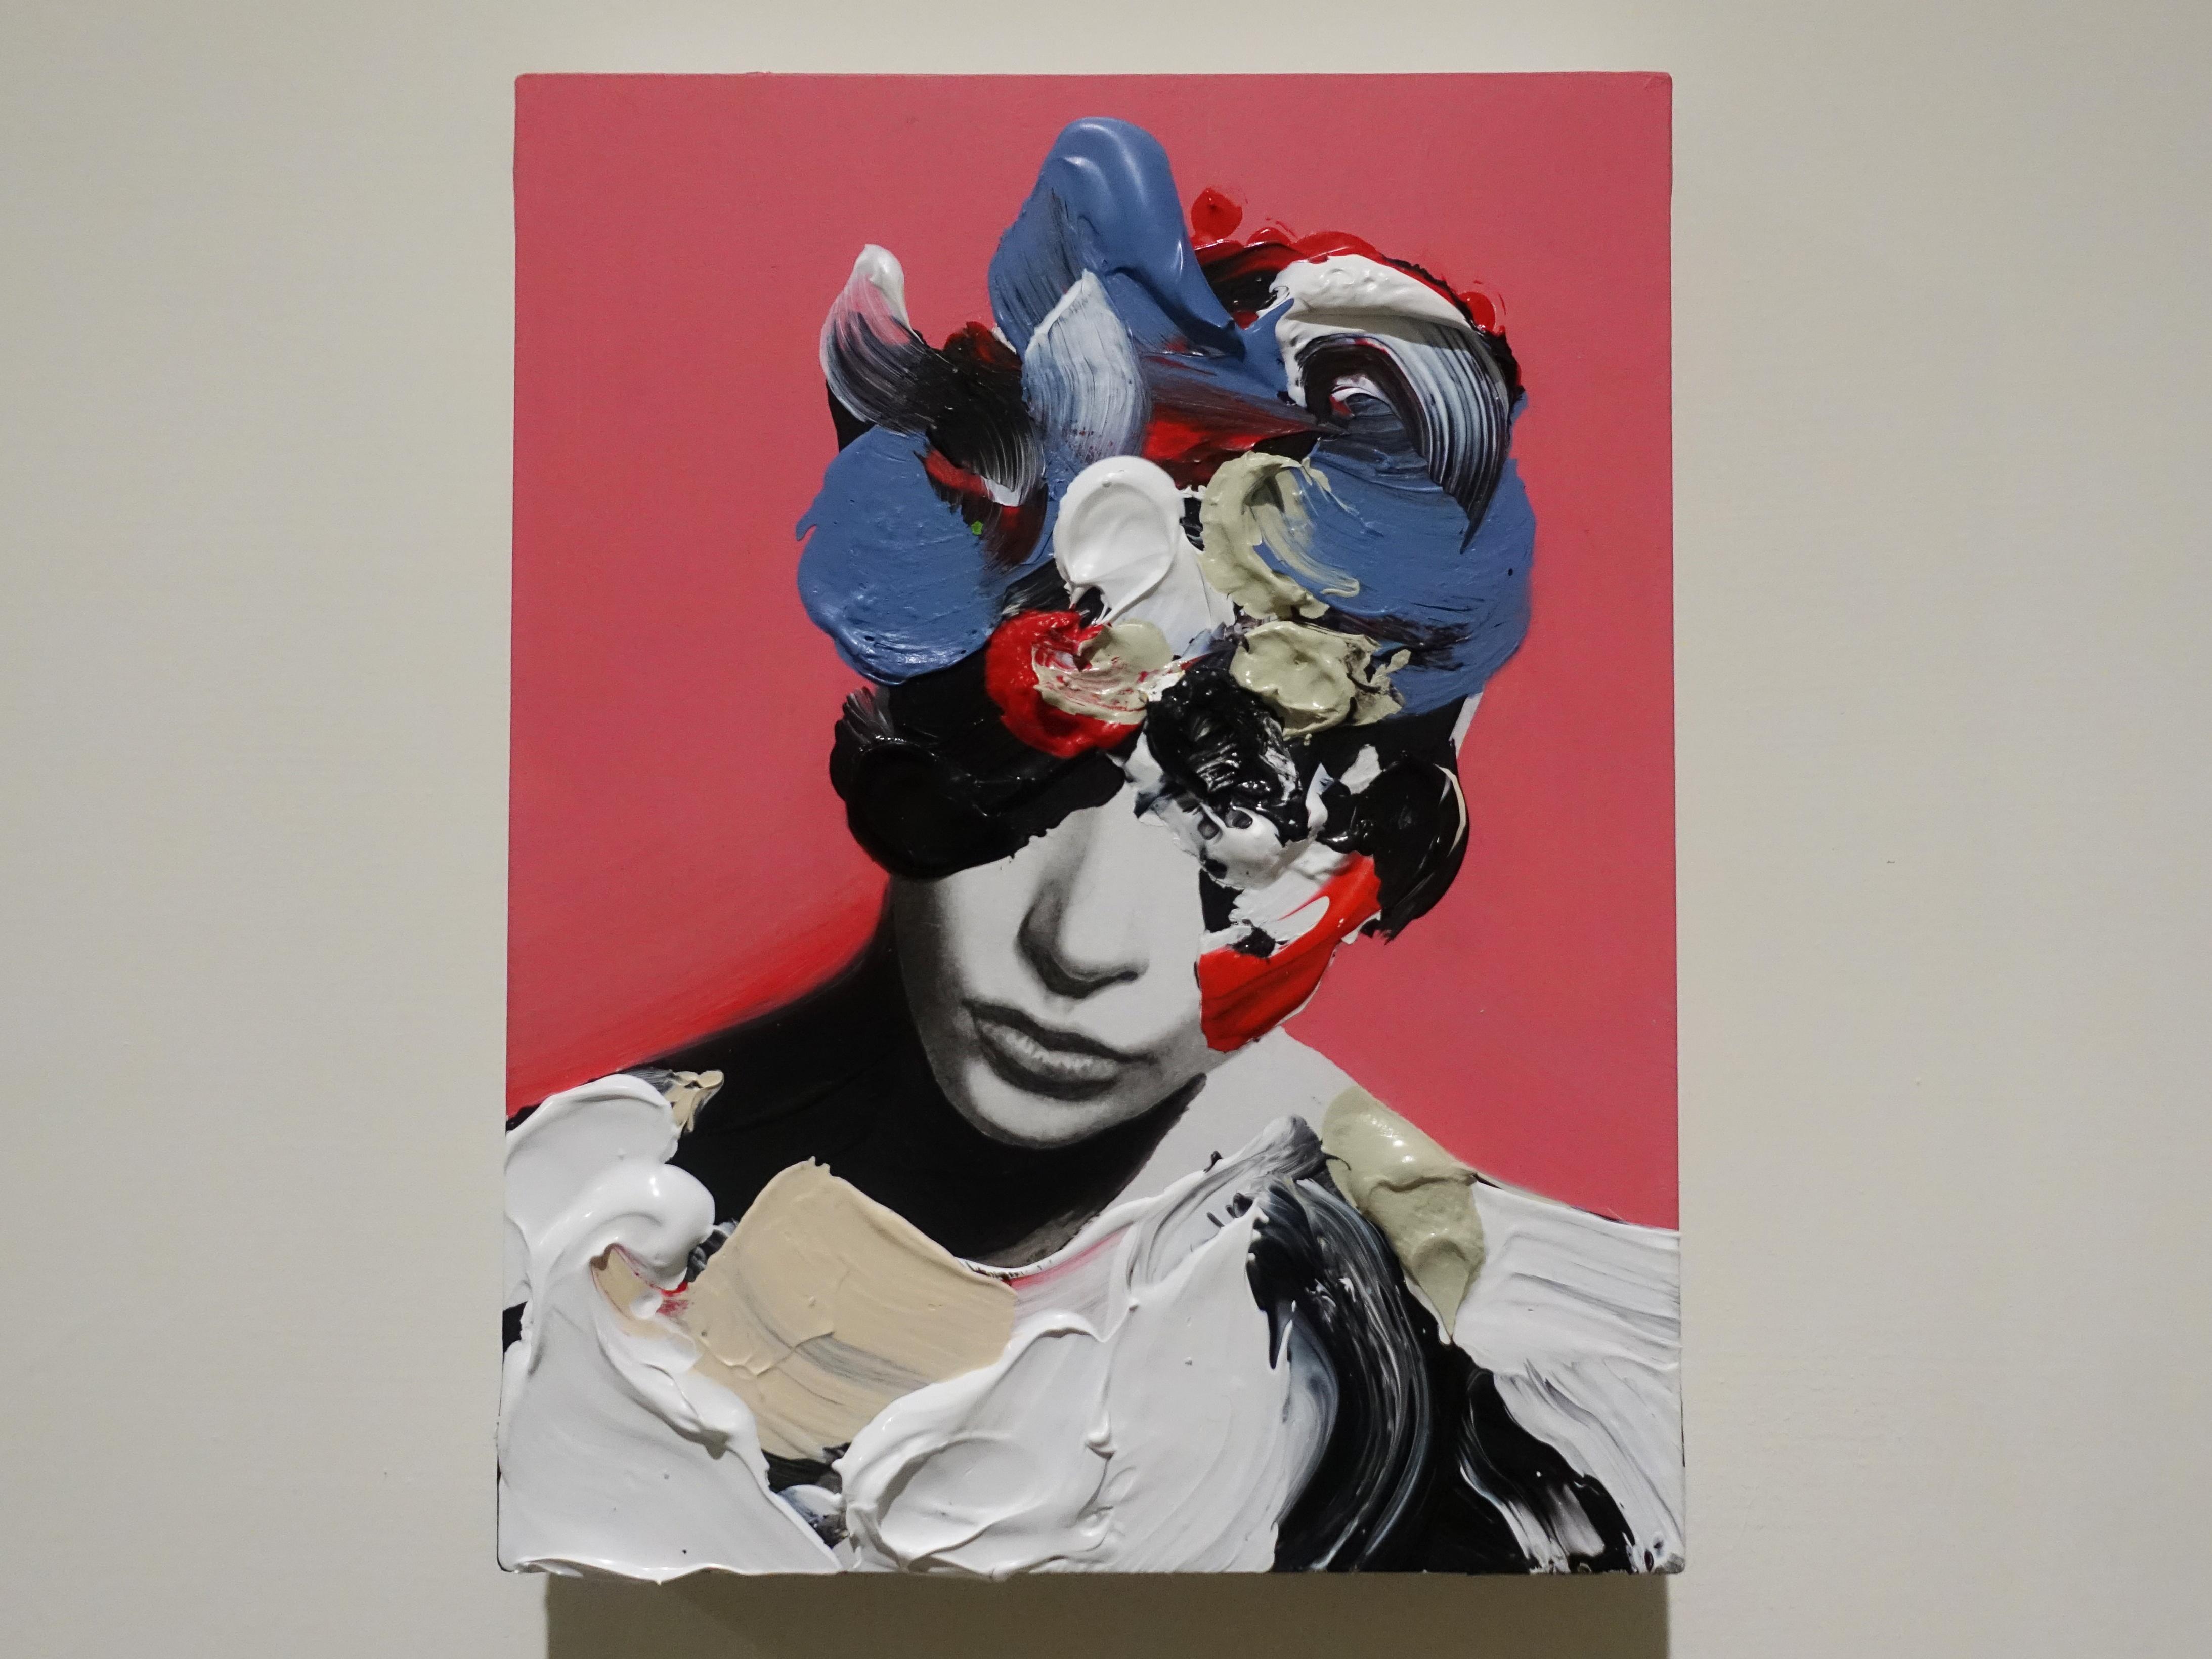 佐藤誠高,《Snip Girl 8》,18 x 14 cm,鉛筆、壓克力、紙、木板,2019。